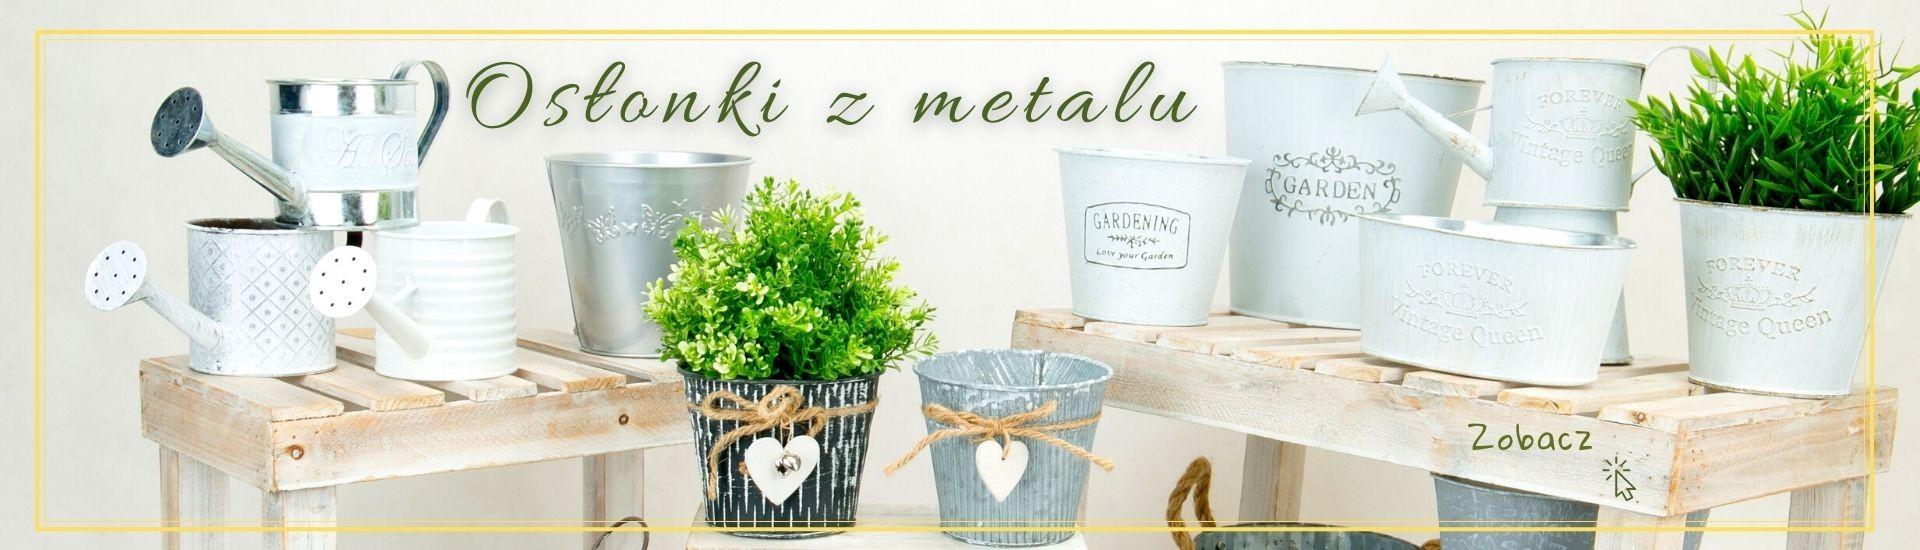 Osłonki z metalu - oferta LUK